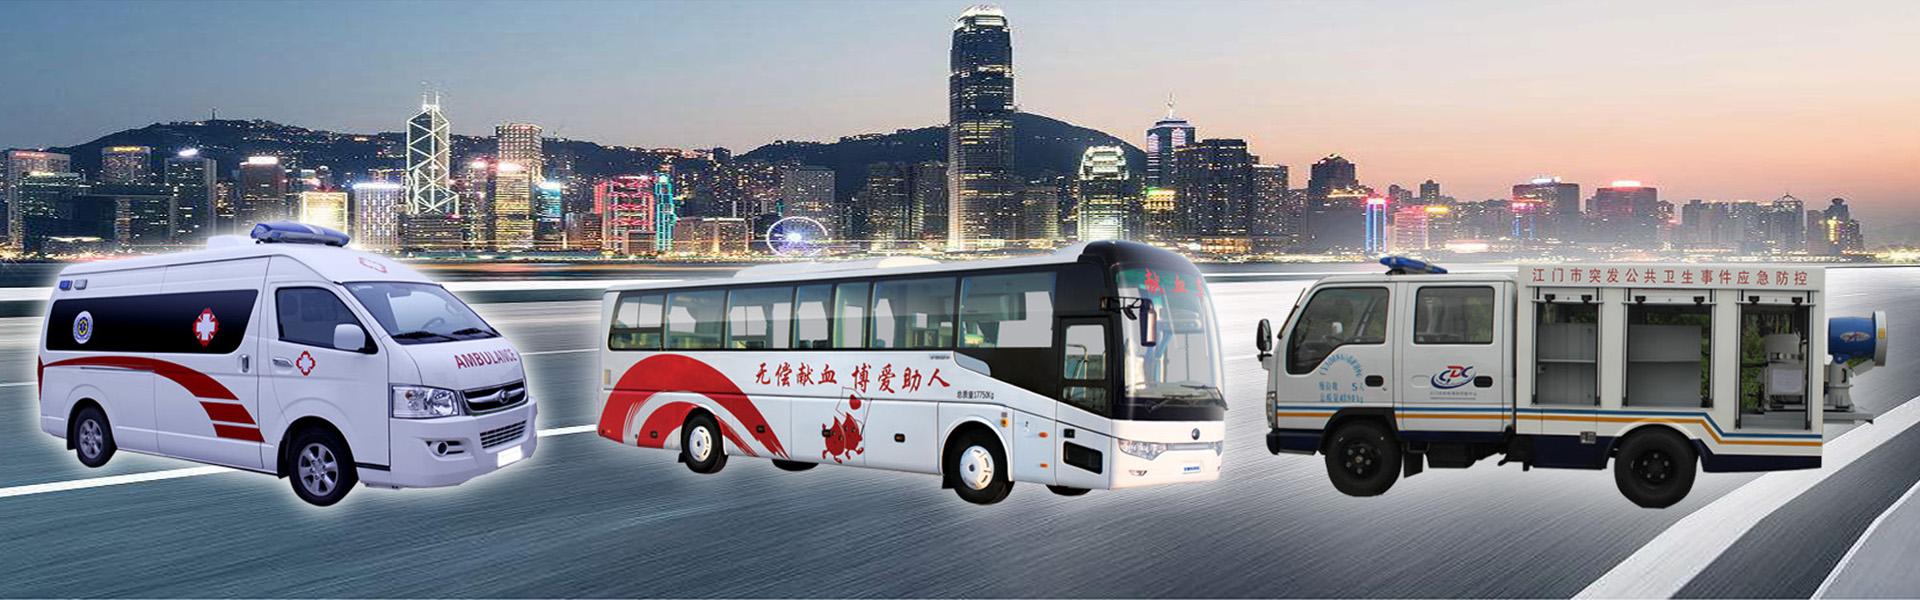 献血车-广州市韦德国际娱乐城医疗设备股份有限公司